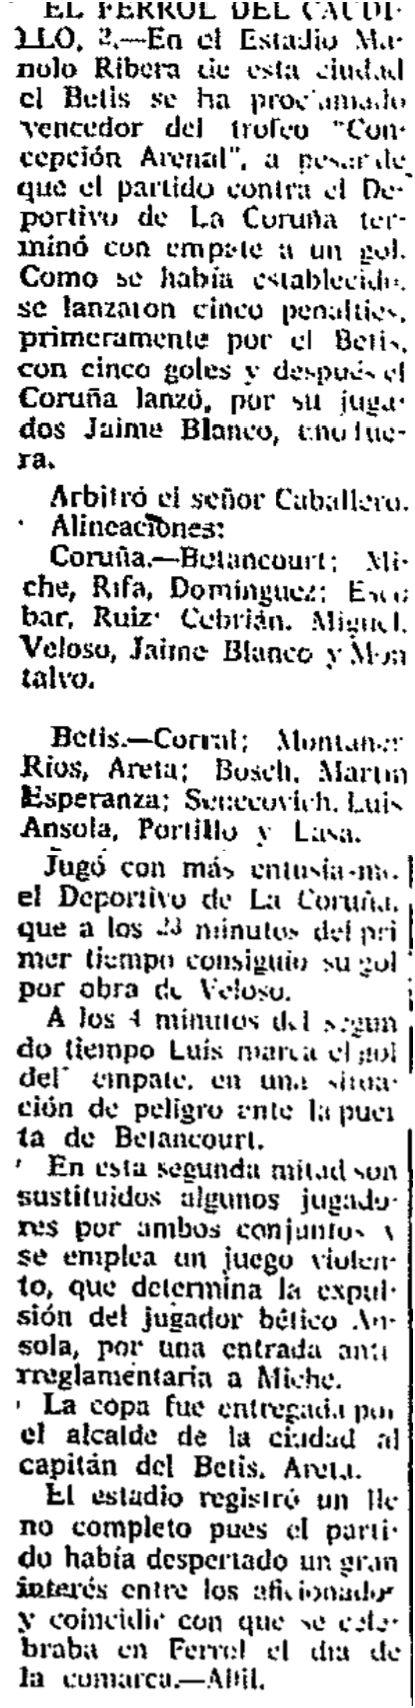 3 de septiembre de 1962, página 5, La Voz del Sur